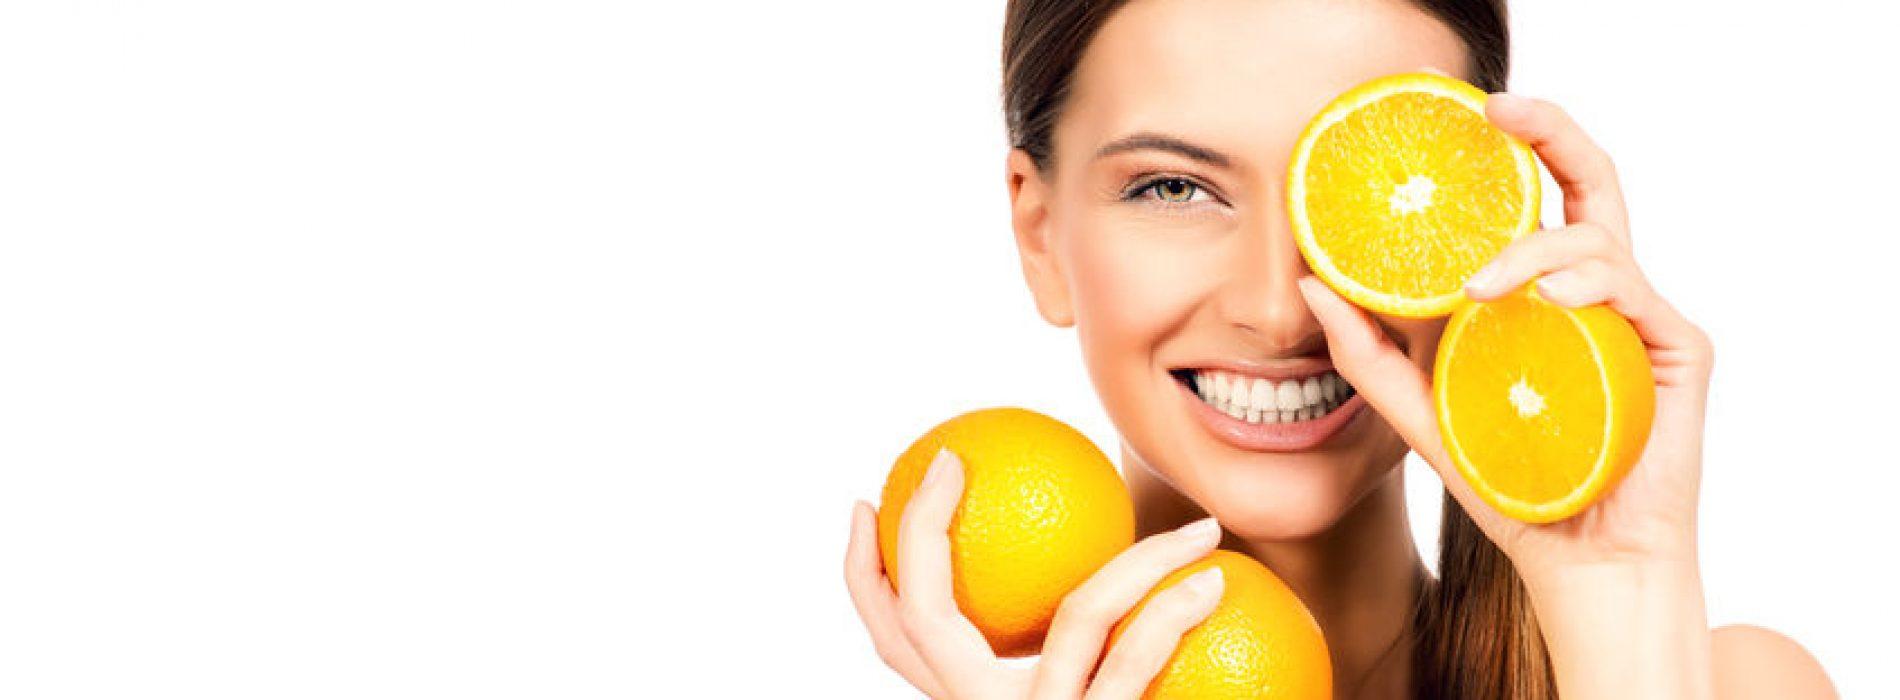 O witaminach piękności dla zdrowia